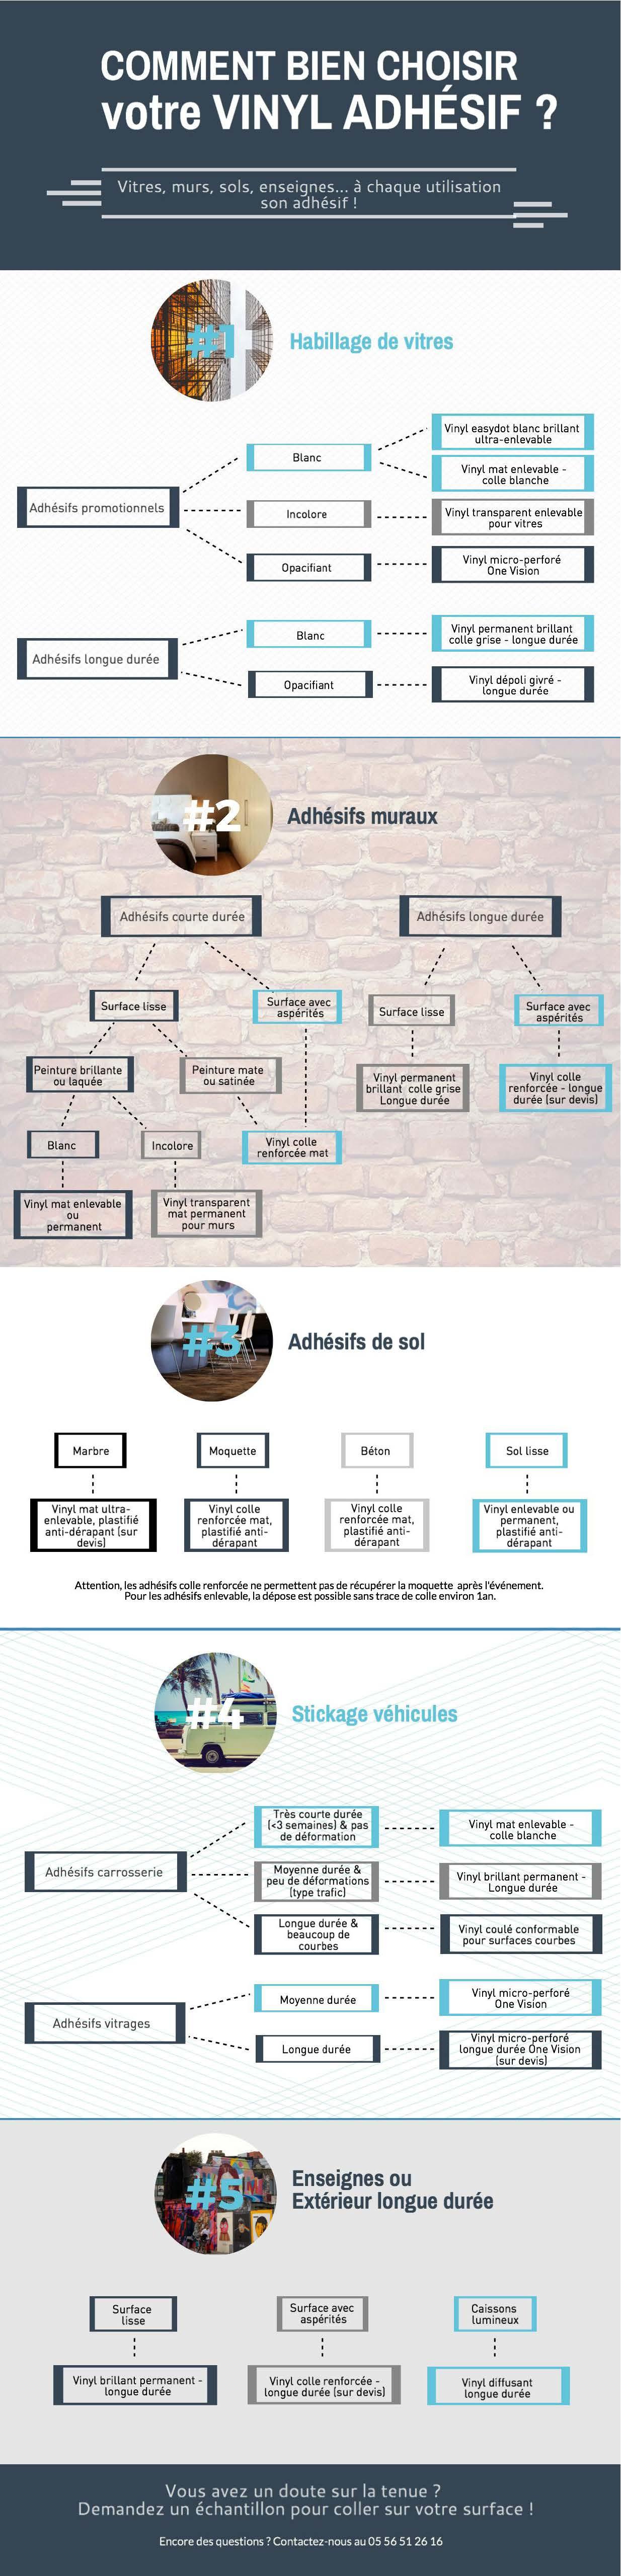 Comment bien choisir son adhésif infographie